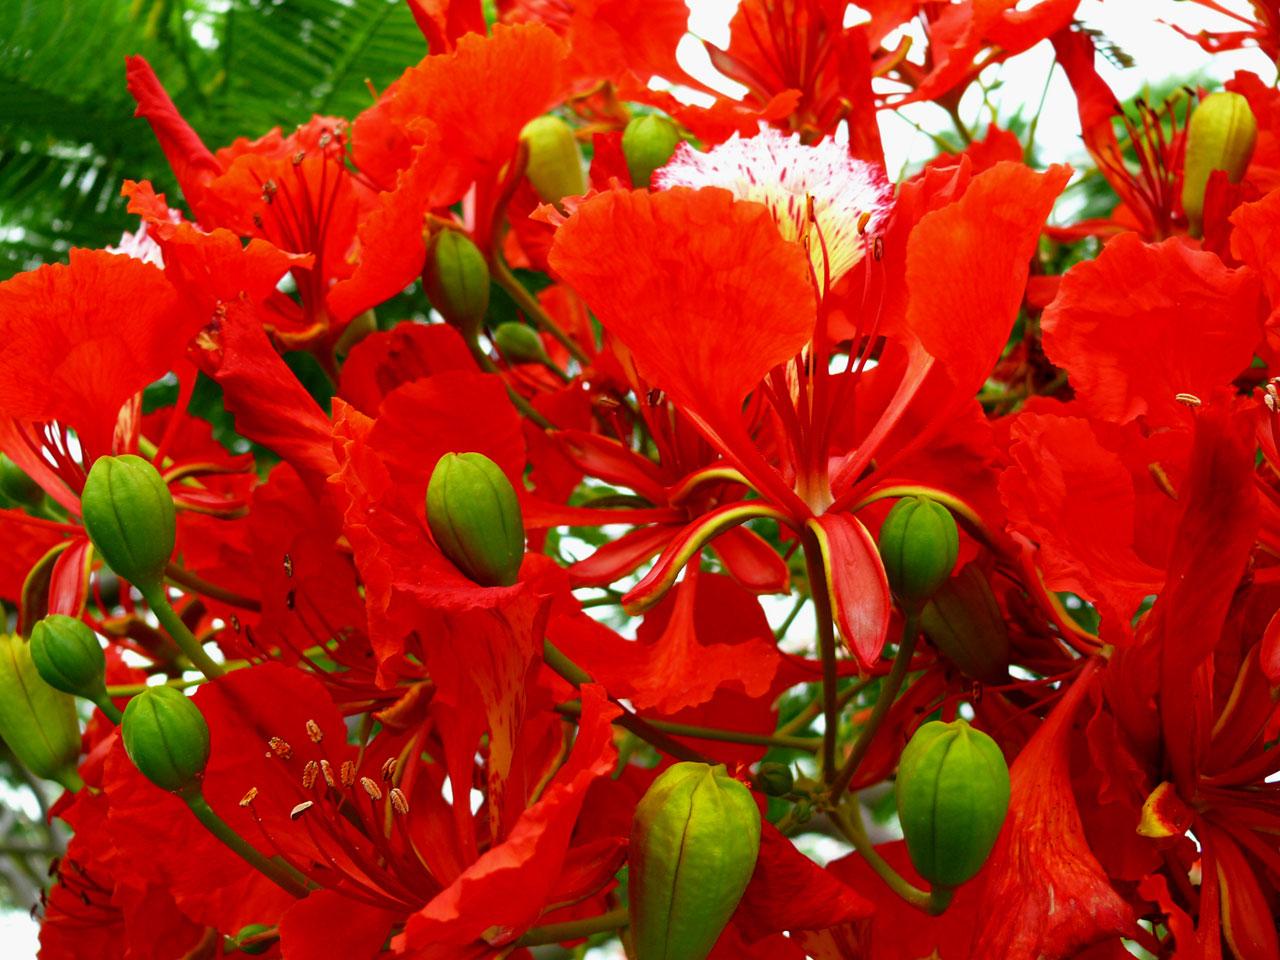 fleurs exotiques rouges photos du domaine public. Black Bedroom Furniture Sets. Home Design Ideas